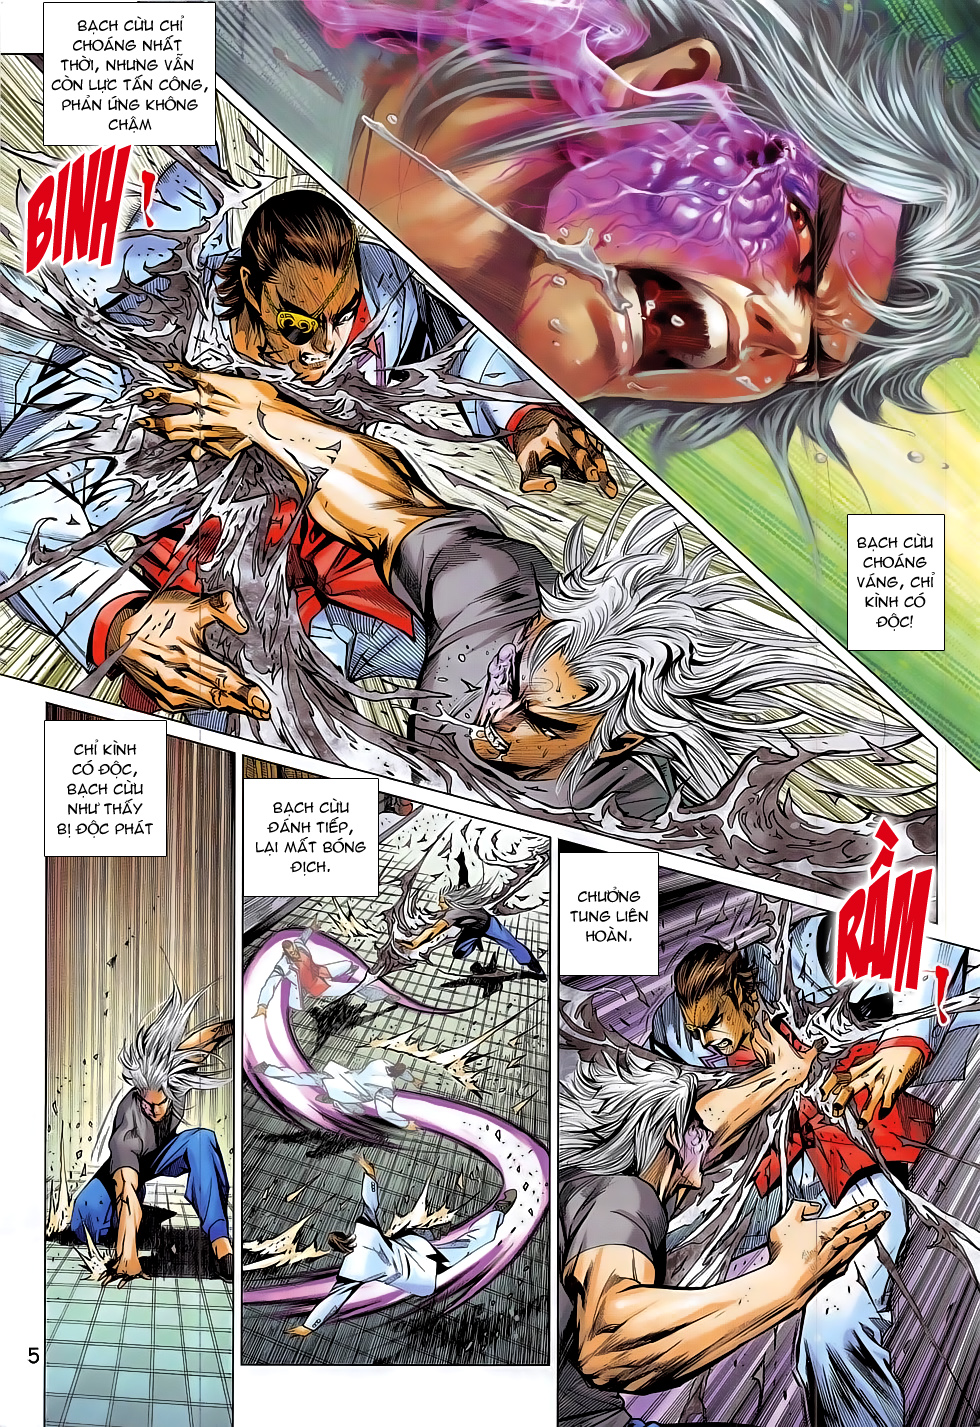 Tân Tác Long Hổ Môn chap 795 Trang 5 - Mangak.info